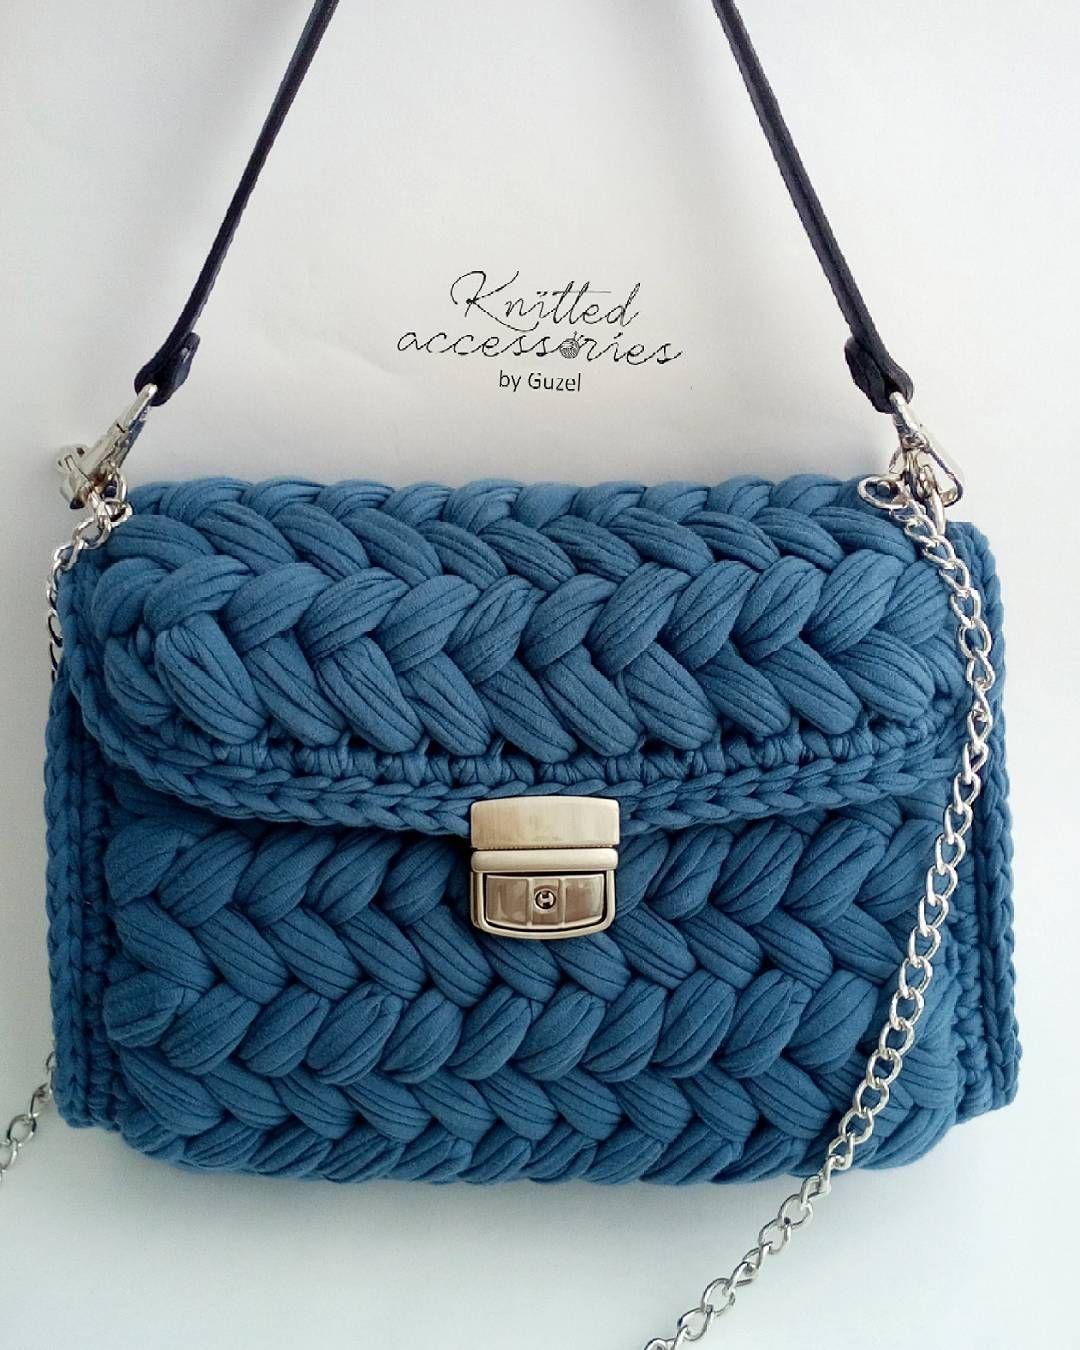 сумка зефиркав красивом цвете дымчато синий от At Knitkaknit на